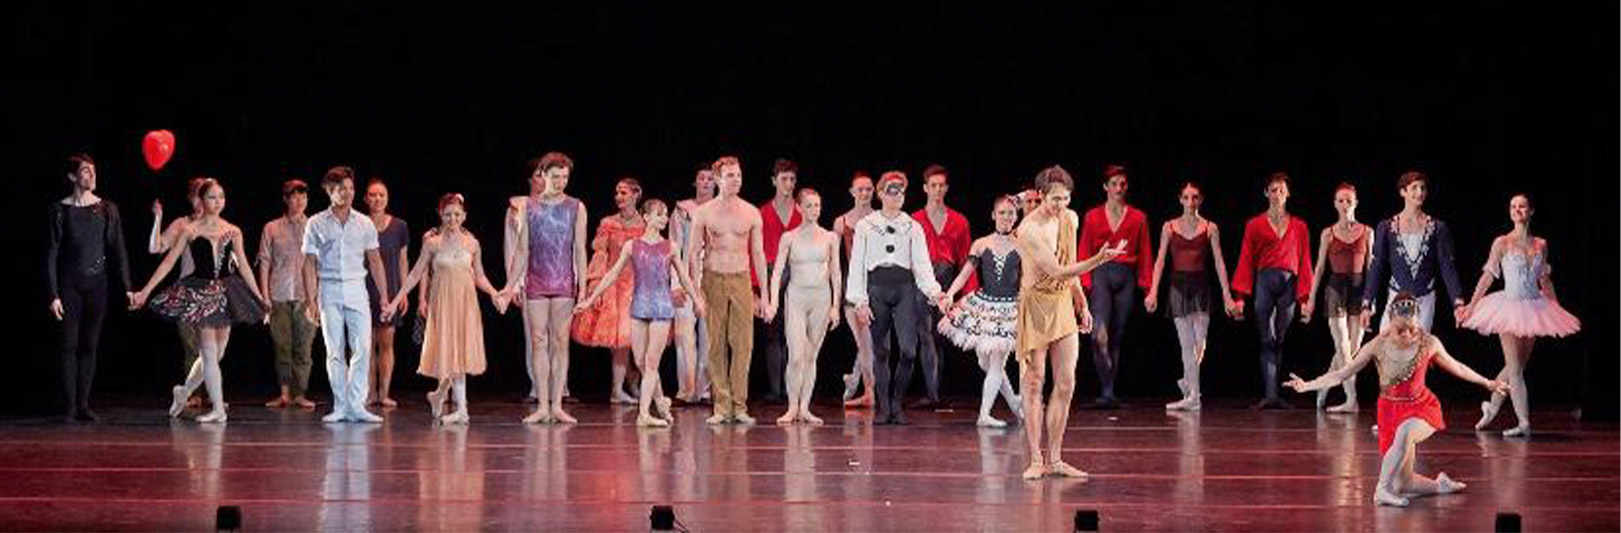 ausbildung muenchen ballett schule header - Education